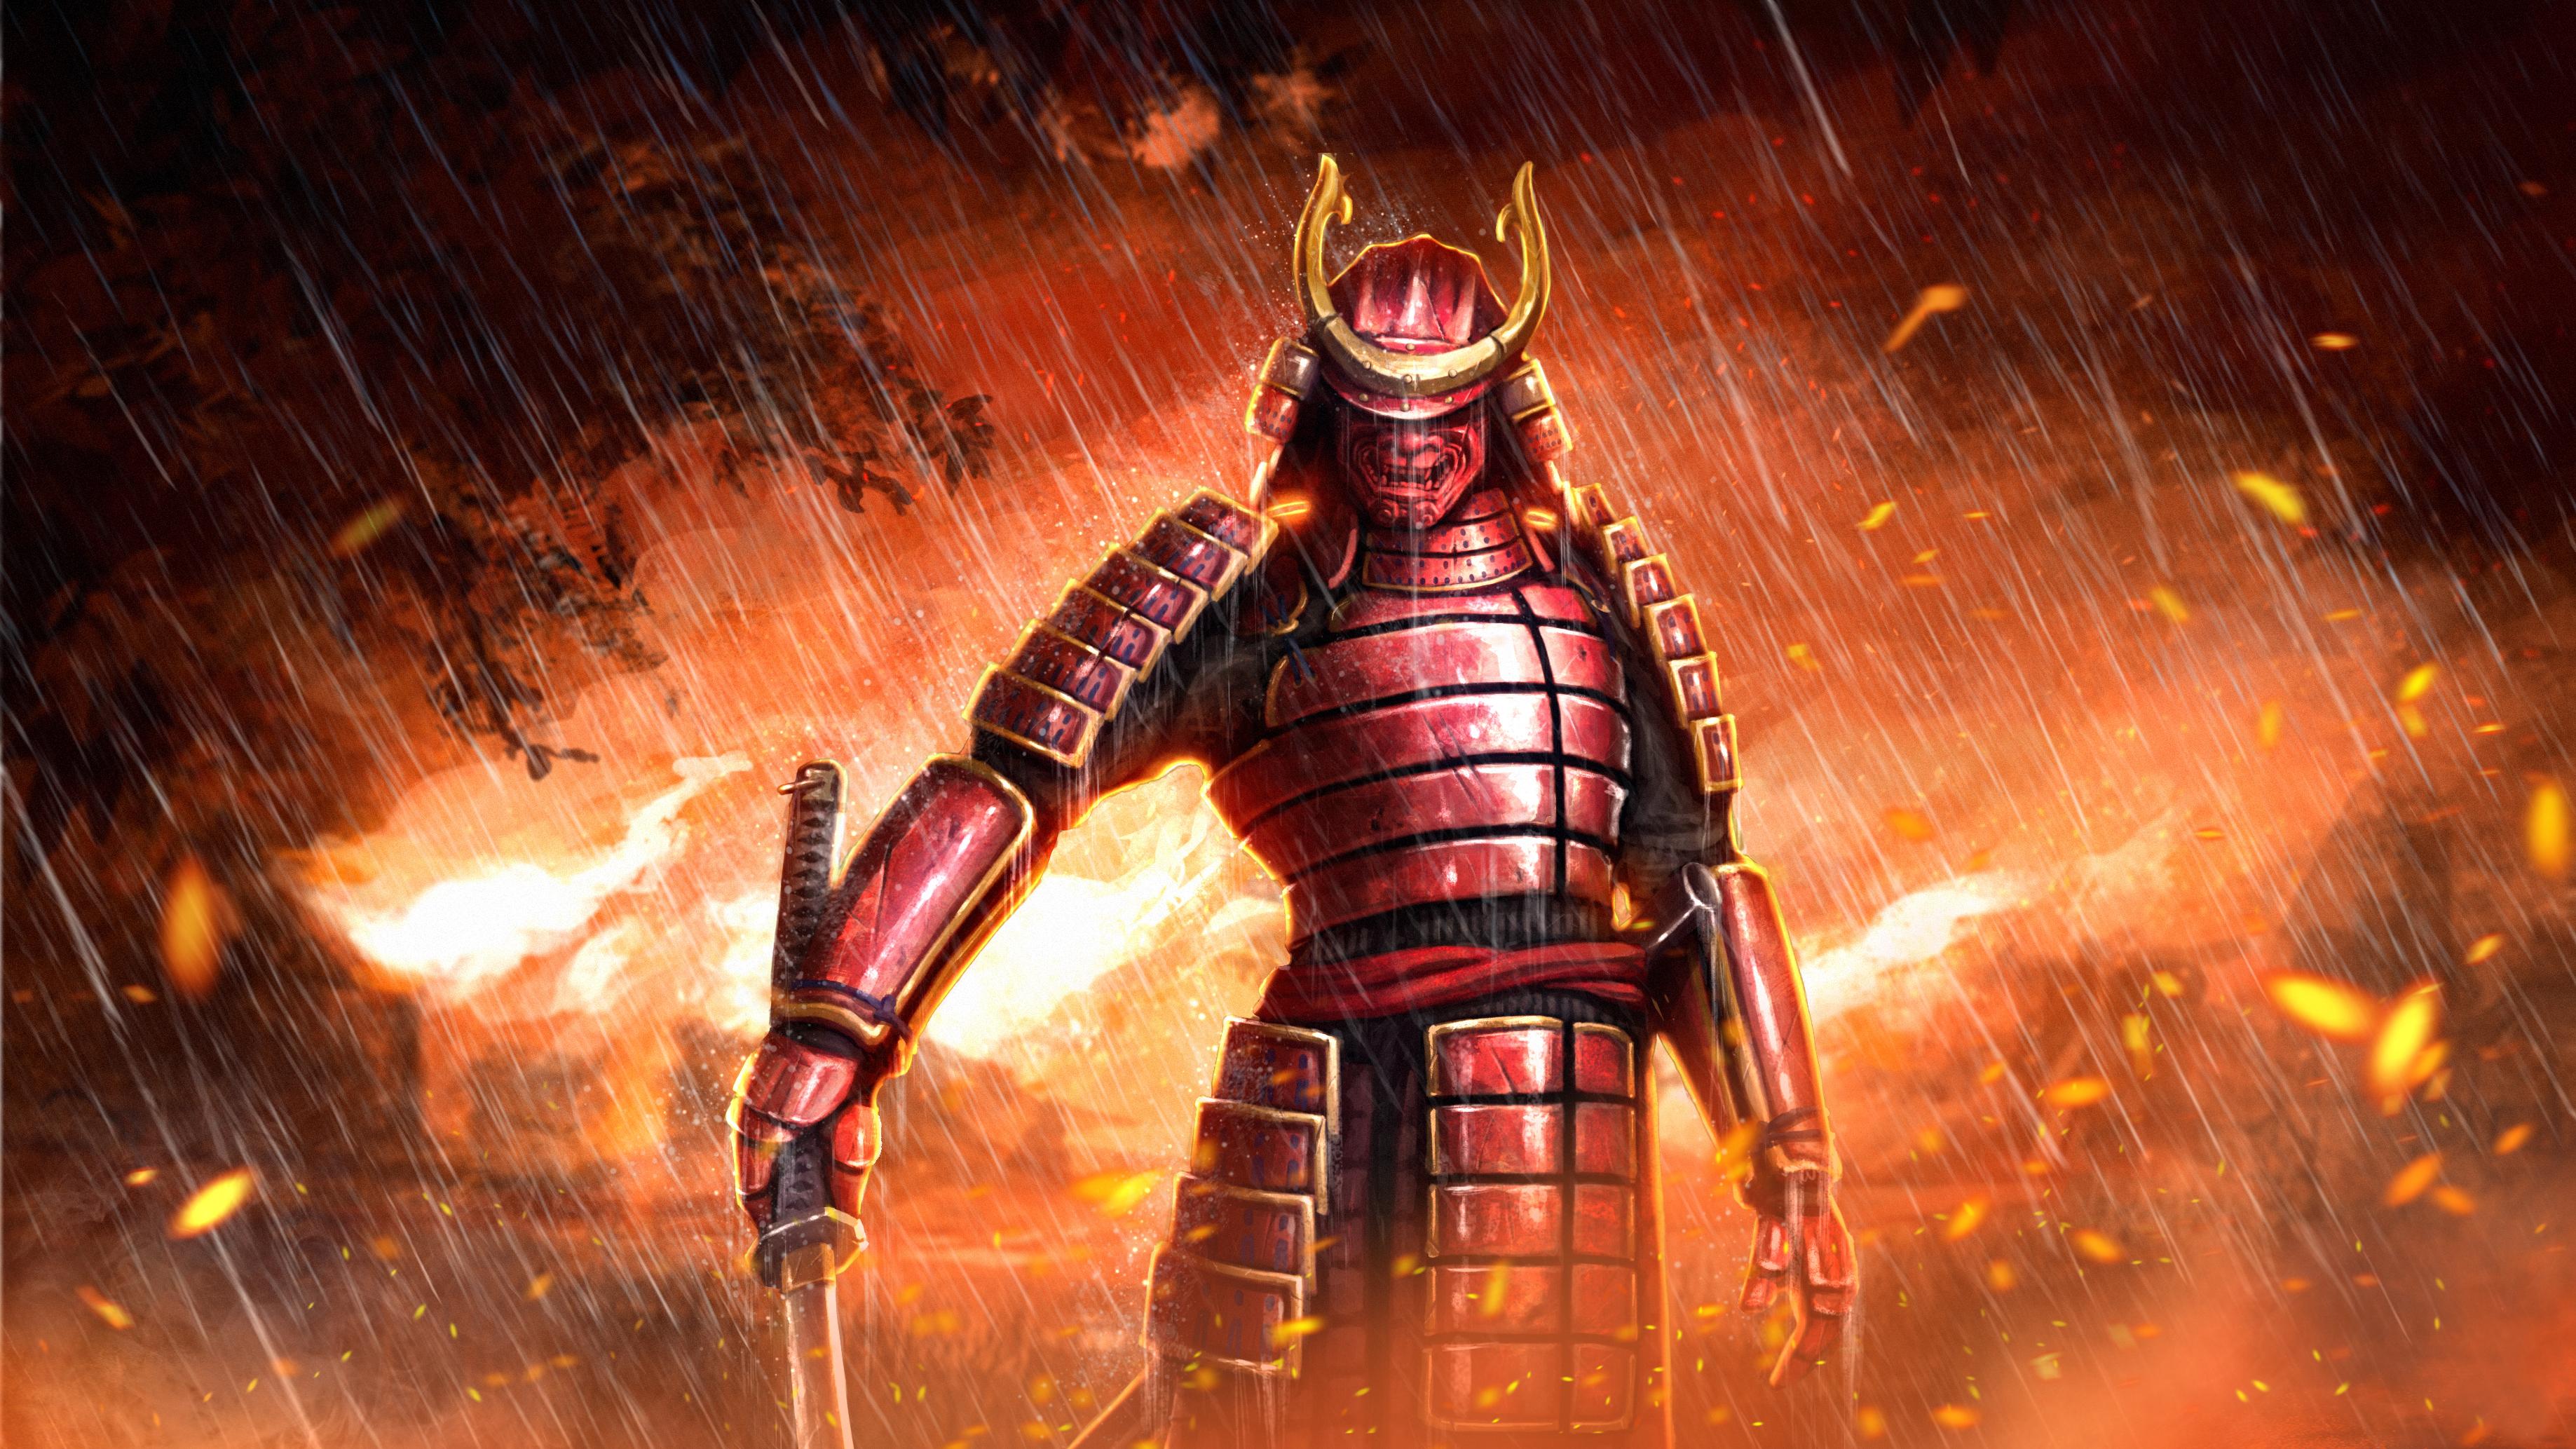 Masks_Fire_Rain_Warriors_452314.jpg